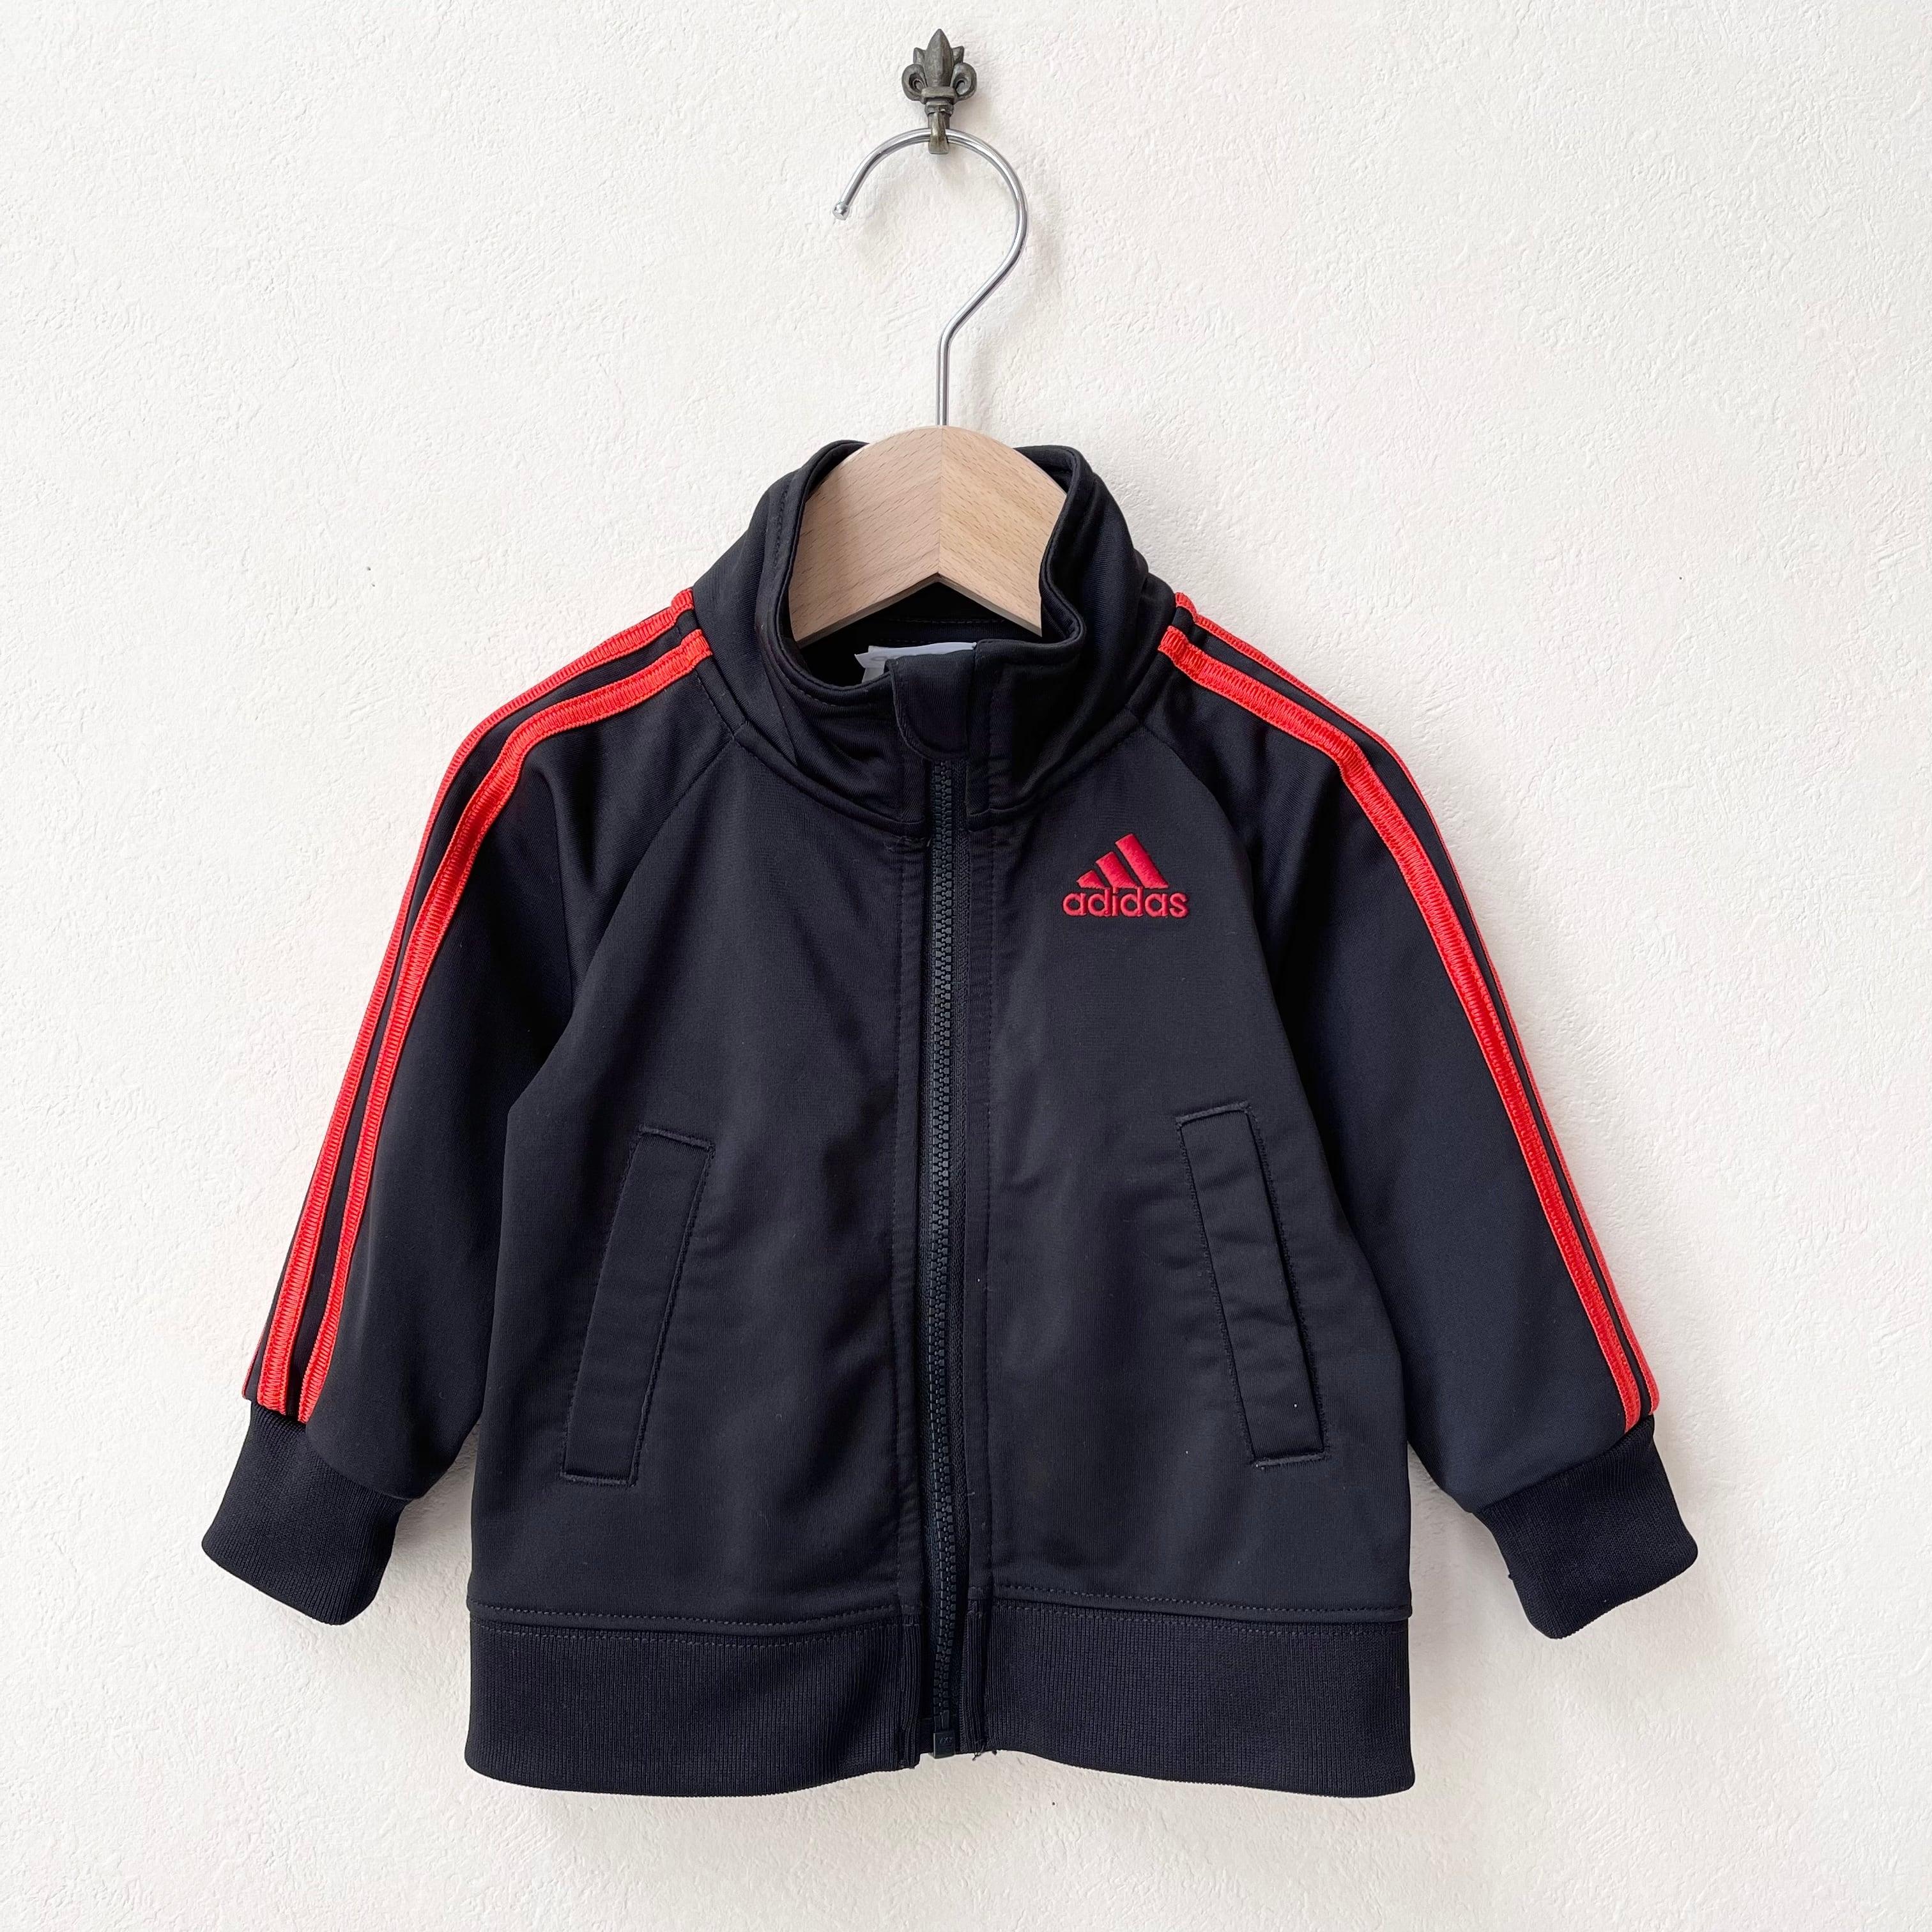 キッズ古着 アディダス adidas ワンポイントロゴ ジャージ アメリカ古着 子供服